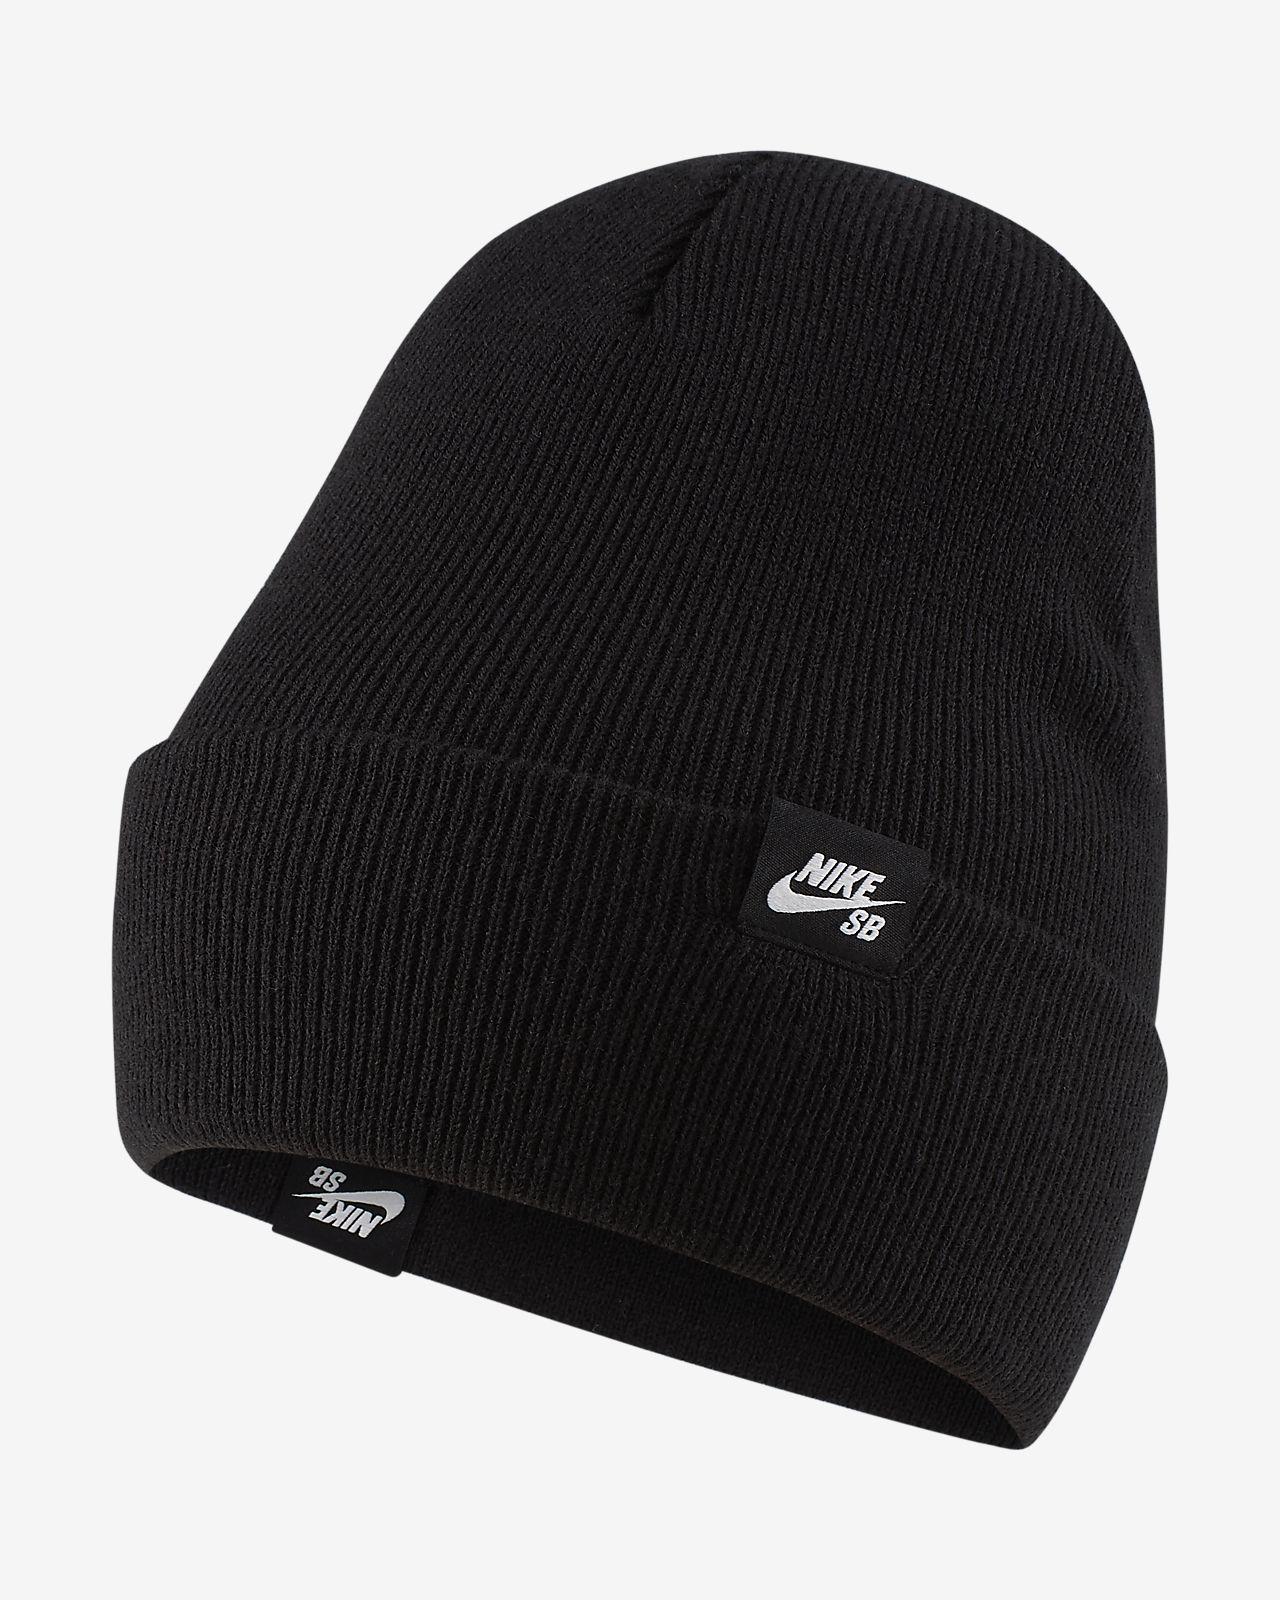 Nike SB Skate Beanie